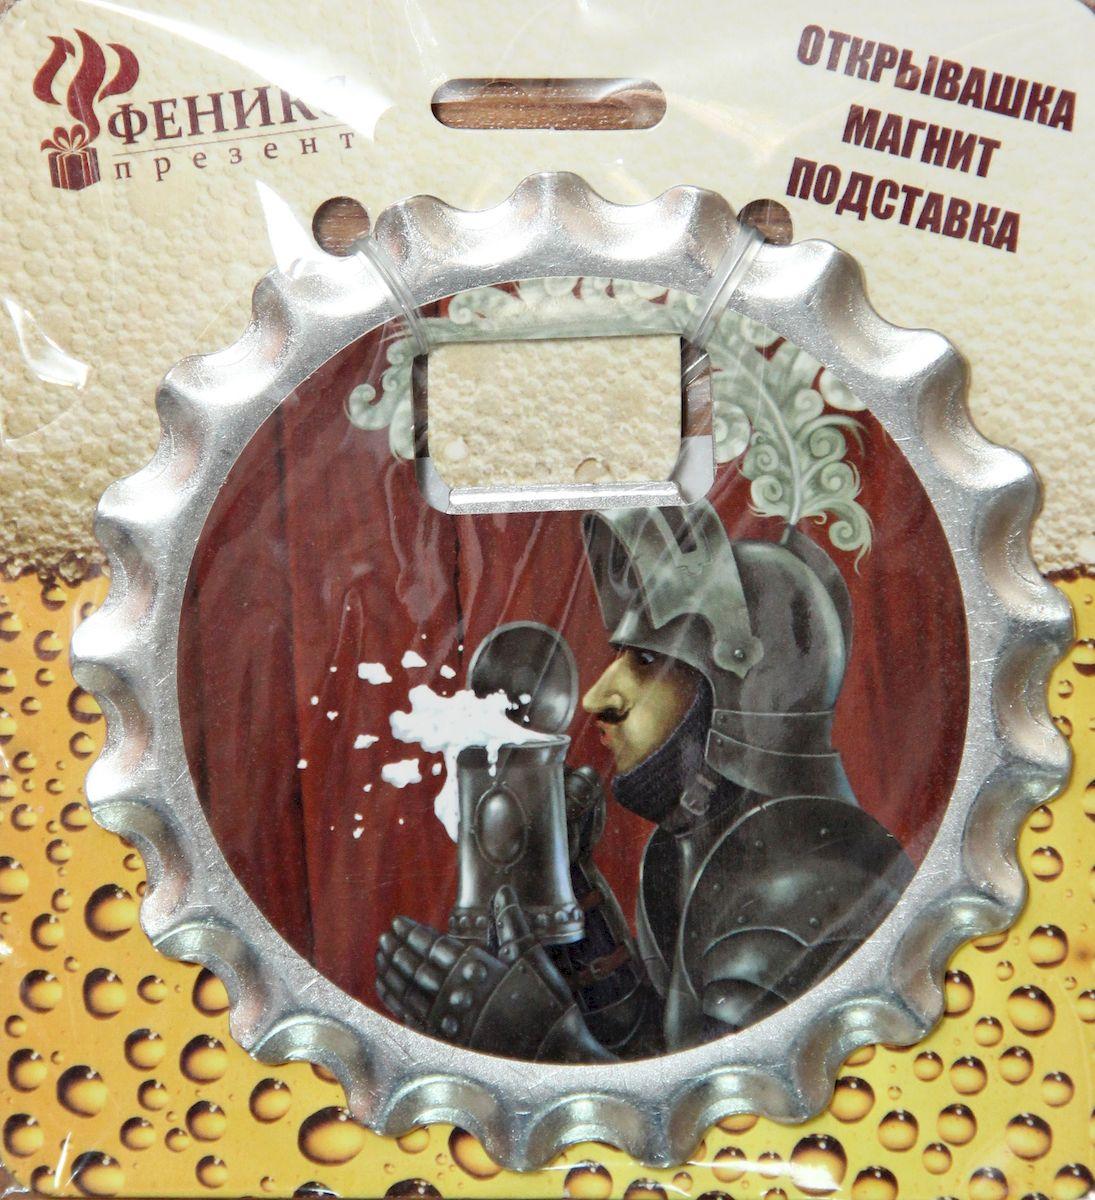 Ключ для открывания бутылок Magic Home Рыцарь с магнитом54 009312Ключ для открывания бутылок - это полезный и нужный прибор в каждом доме. Он представляет собой подставку под пивной стакан с отверстием для удобного снятия металлических пробок с бутылок. Лицевая сторона украшена оригинальным изображением, а на оборотной стороне закреплены магнит и три пробковые вставки для защиты поверхности стола от повреждений. Изделие выполнено из оцинкованного металла.